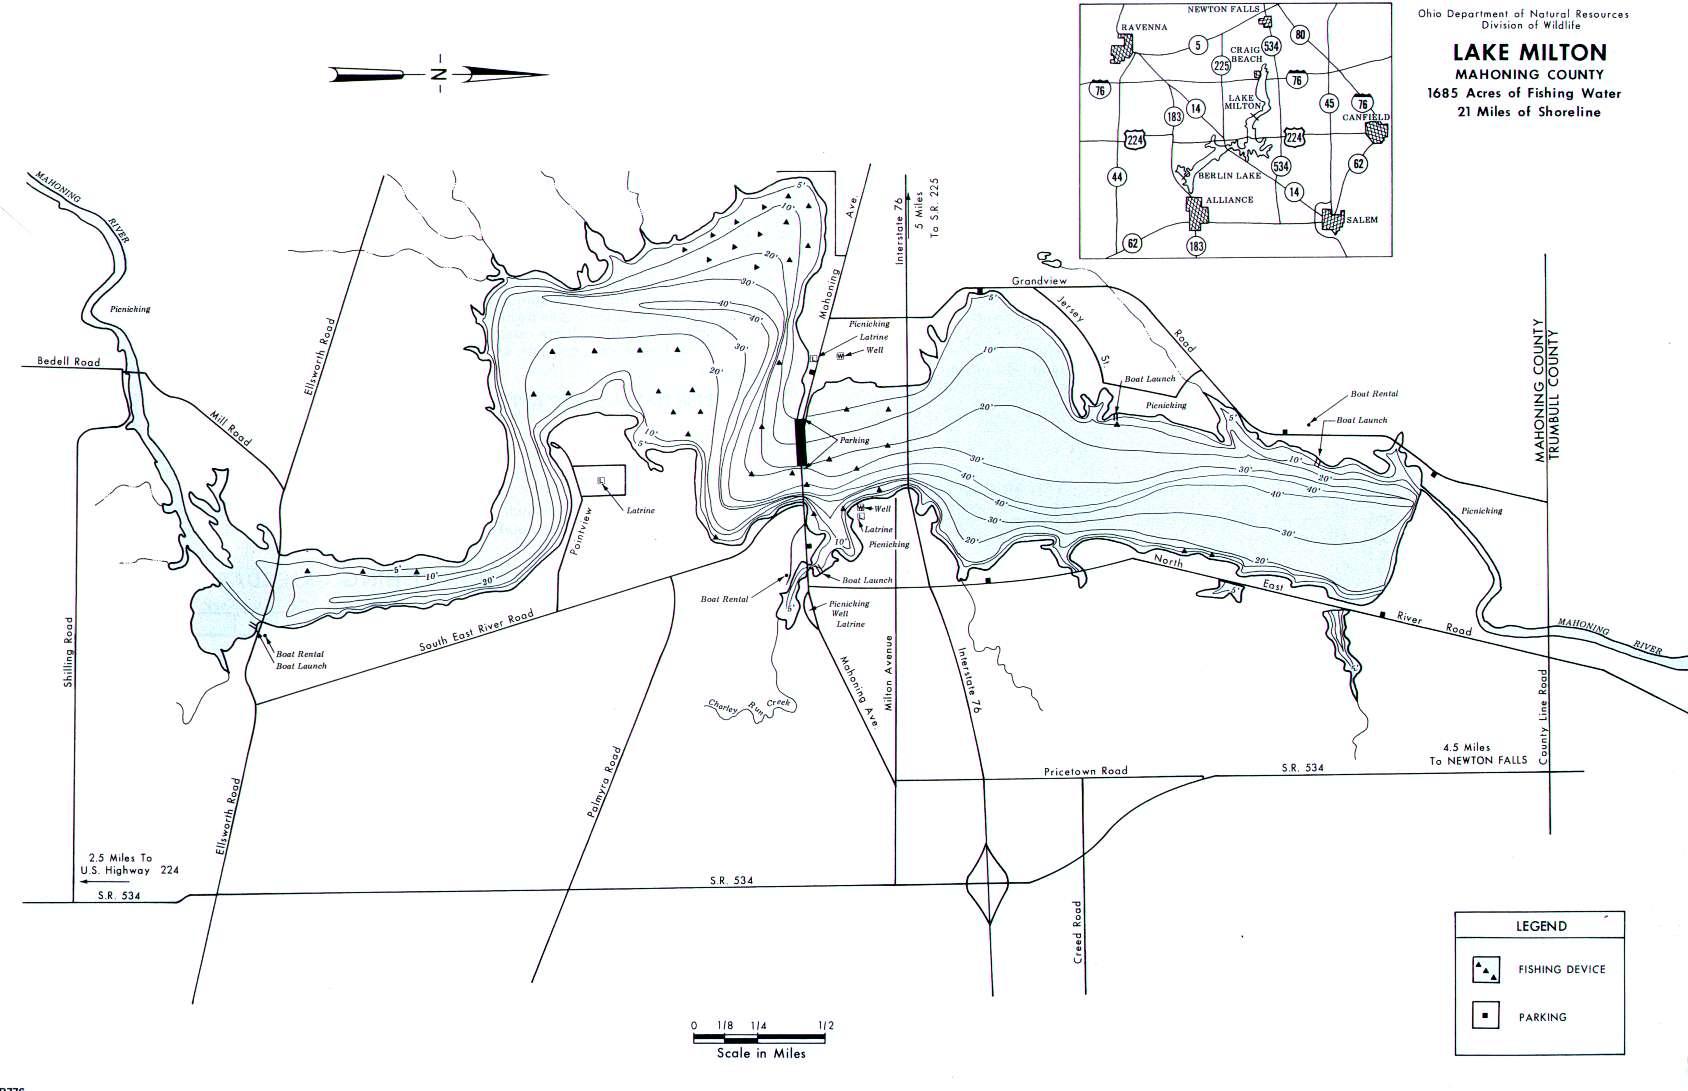 Lake Milton Fishing Map, OH - GoFishOhio!